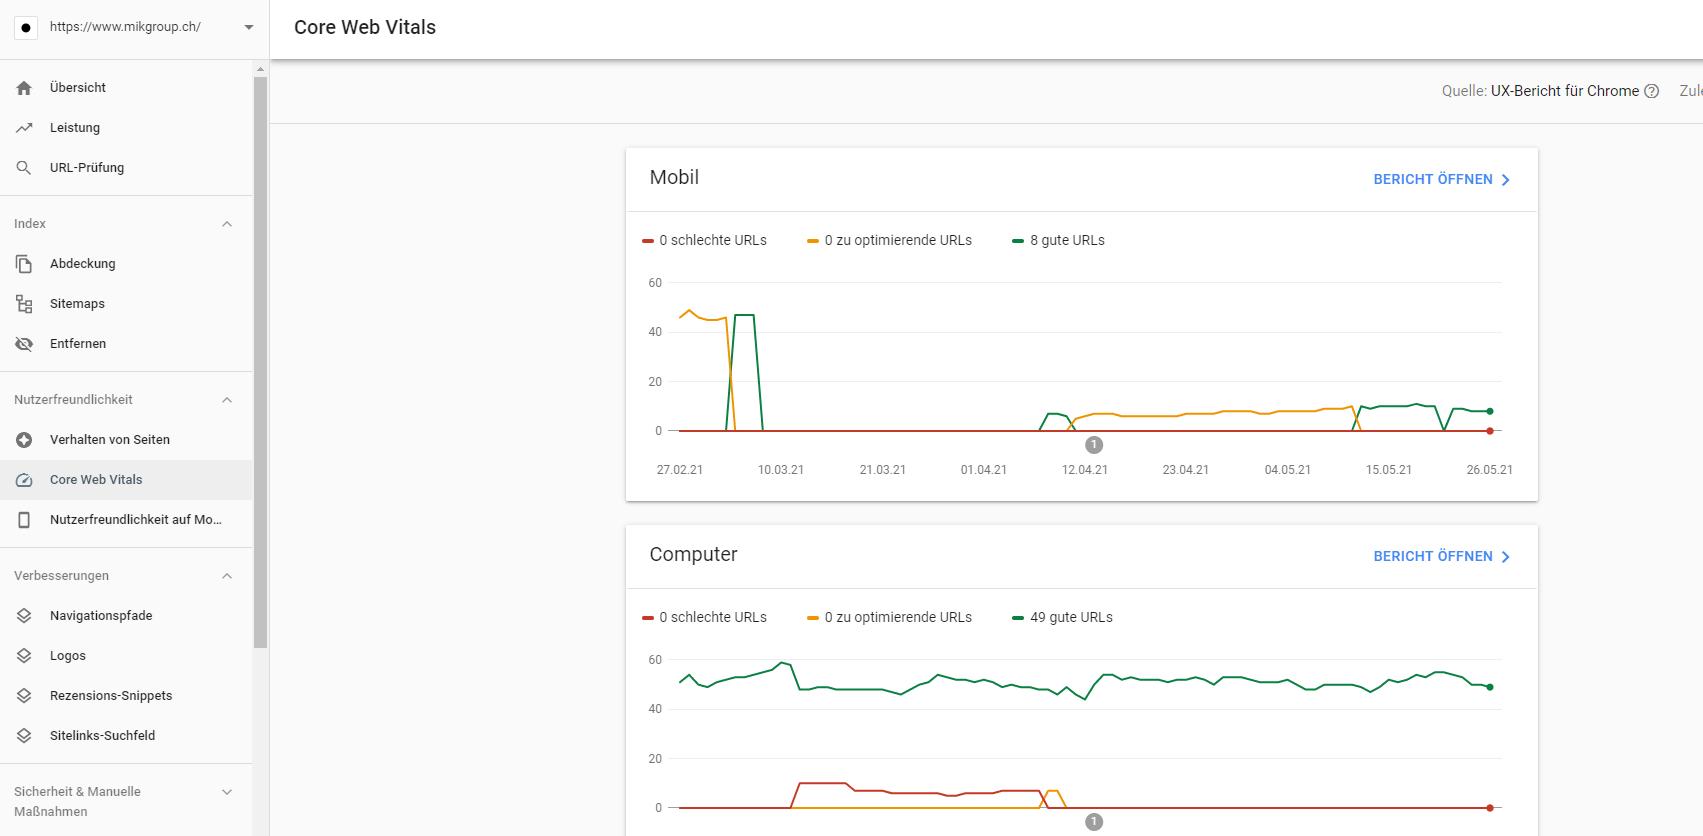 Core Web Vitals von Google Search Console